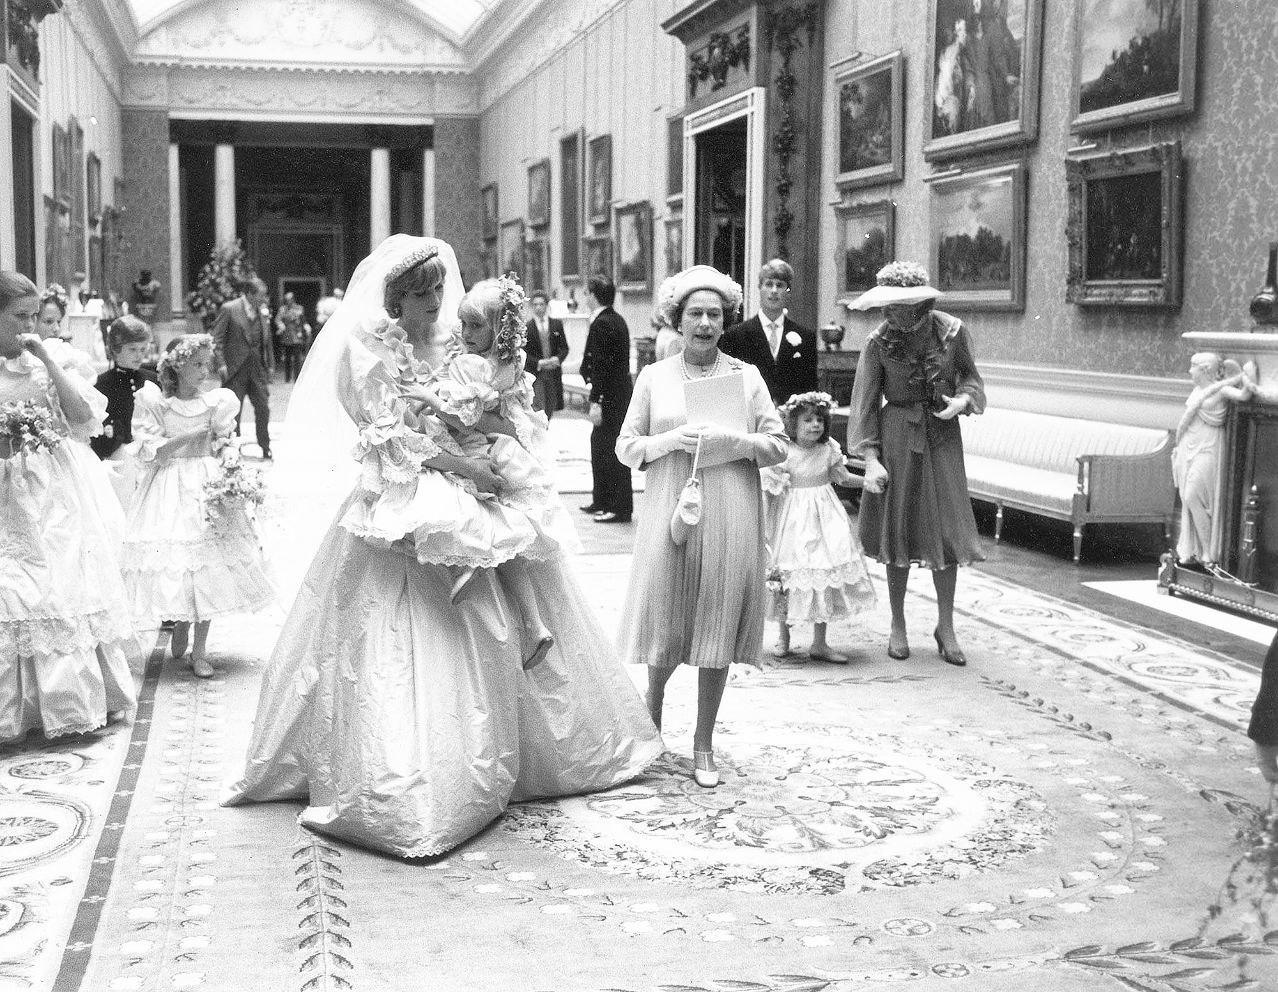 Принцесса и злая фея. Свадьба принцессы Дианы и принца Чарльза, Лондон, 1981 год.